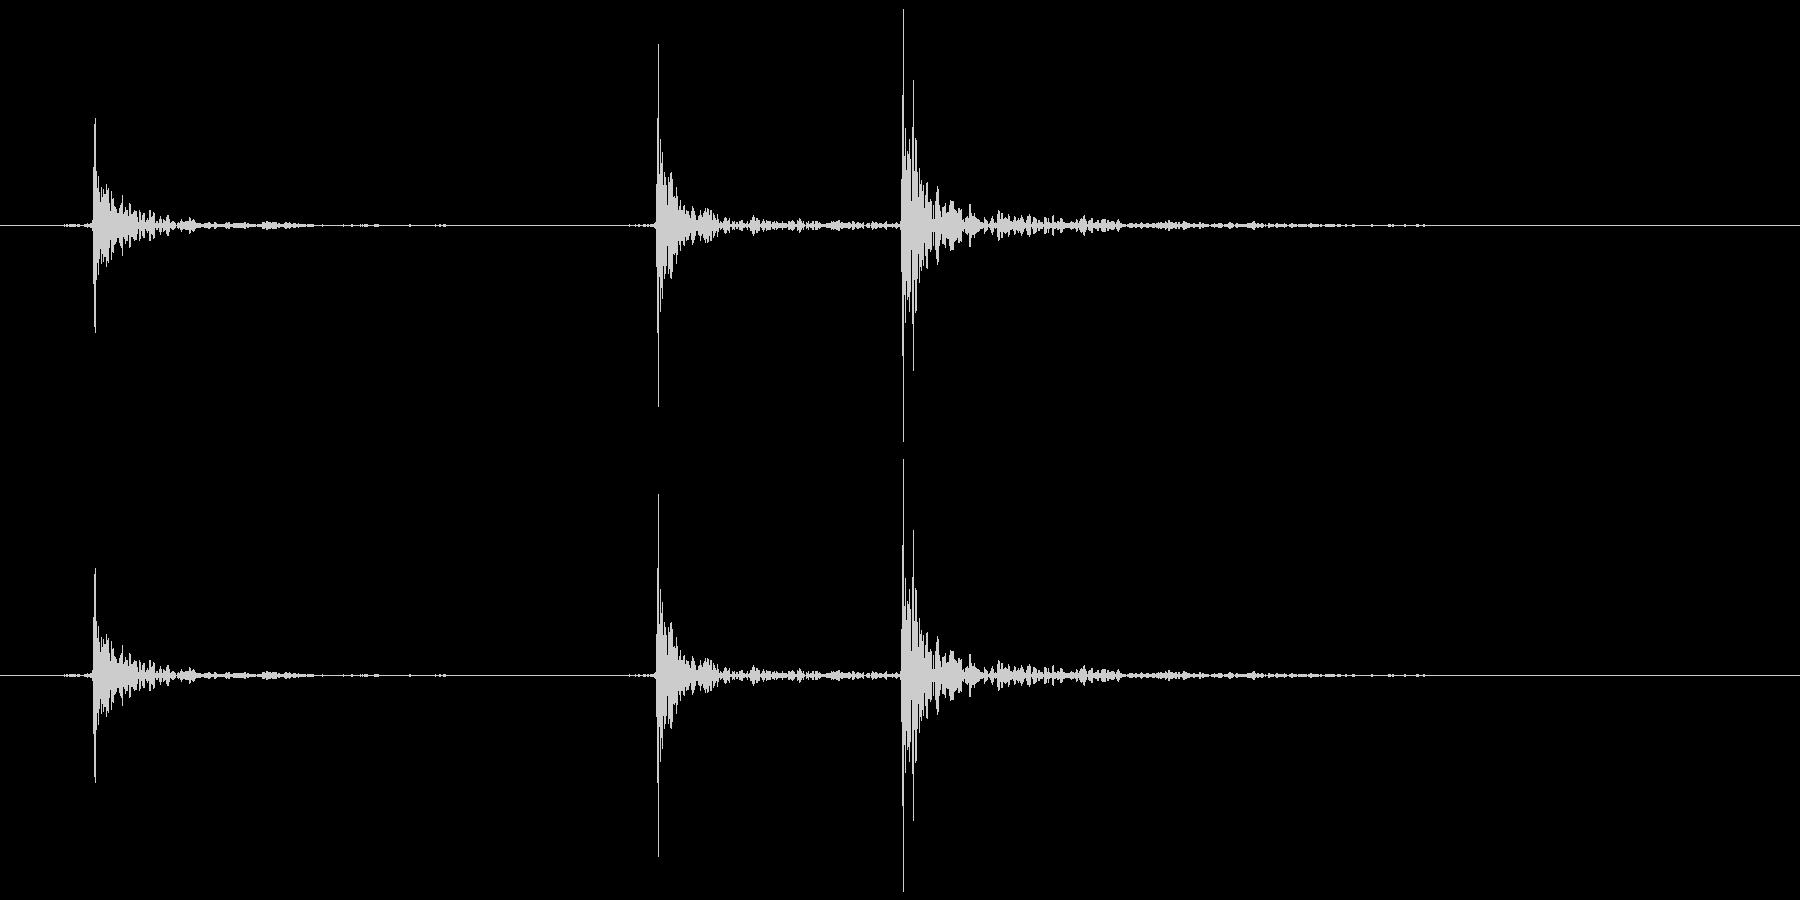 軋む(床など) ギッ、ギギの未再生の波形